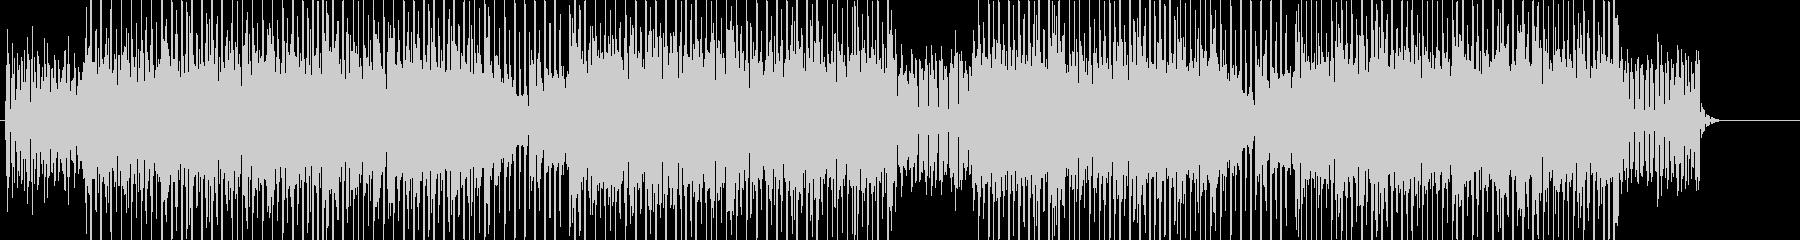 80sシンセウェーブ洋楽♫の未再生の波形